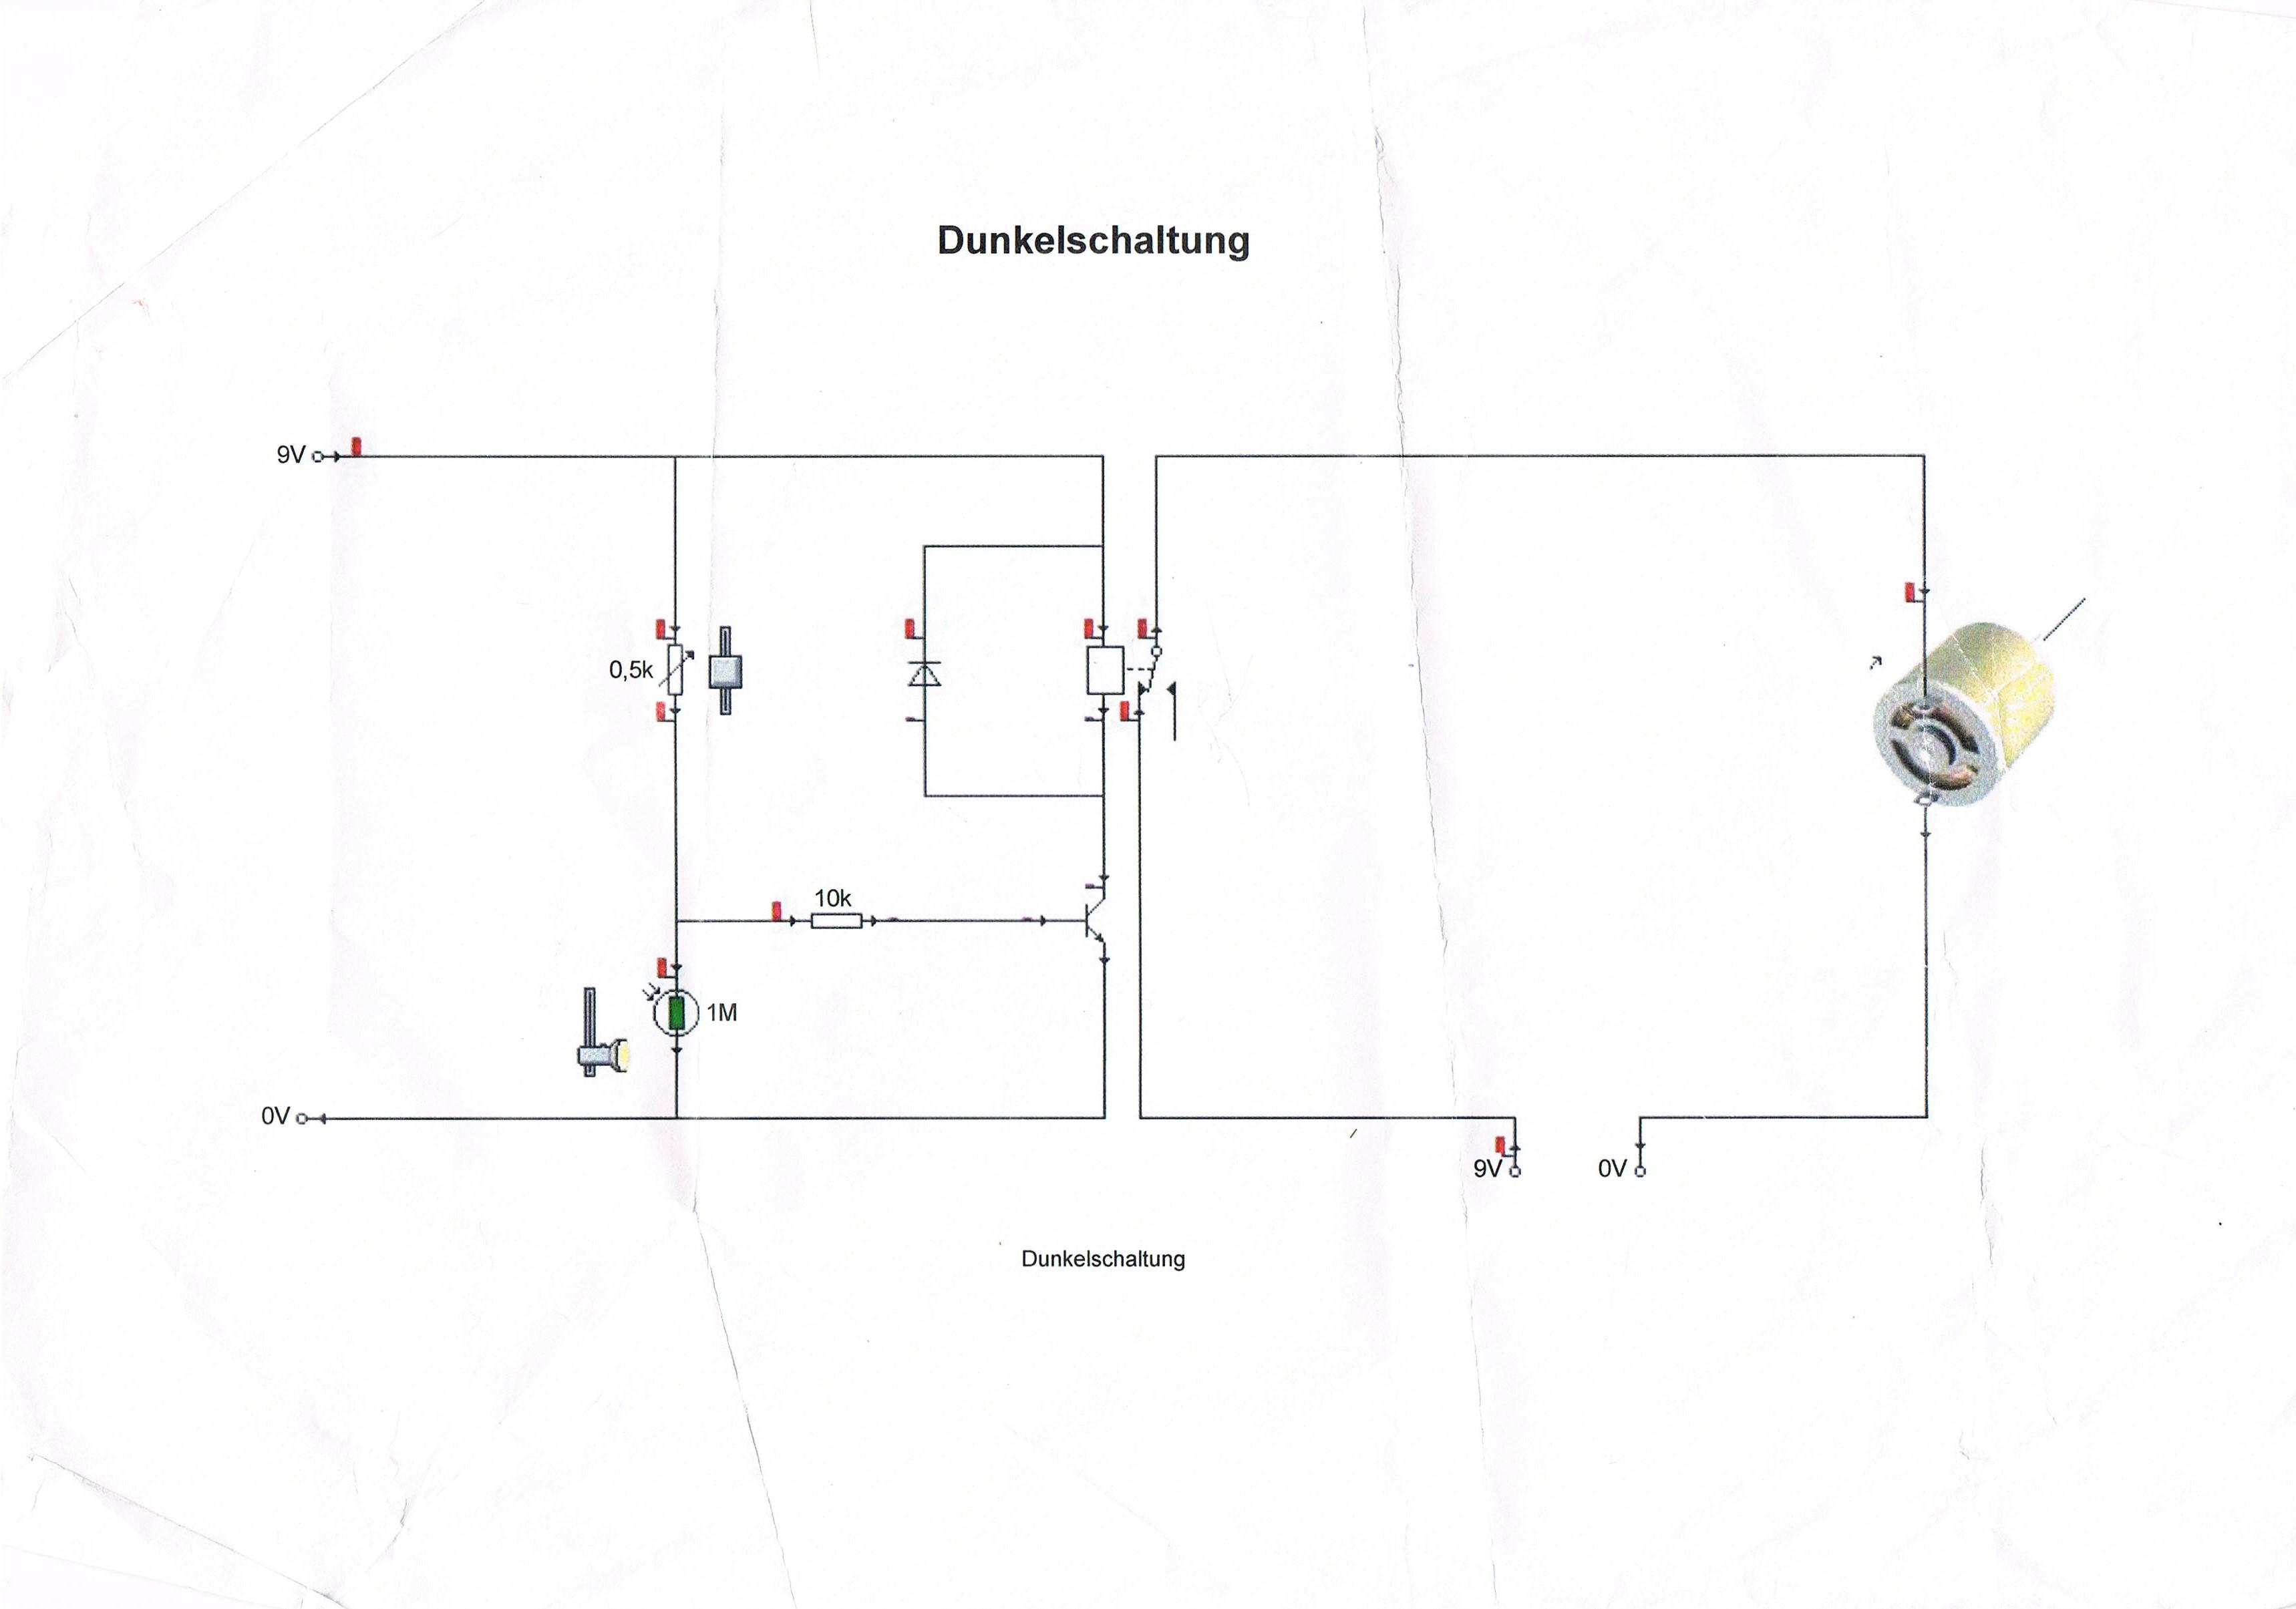 Brauche Hilfe bei der Dunkelschaltung? (Elektronik, Elektrik ...